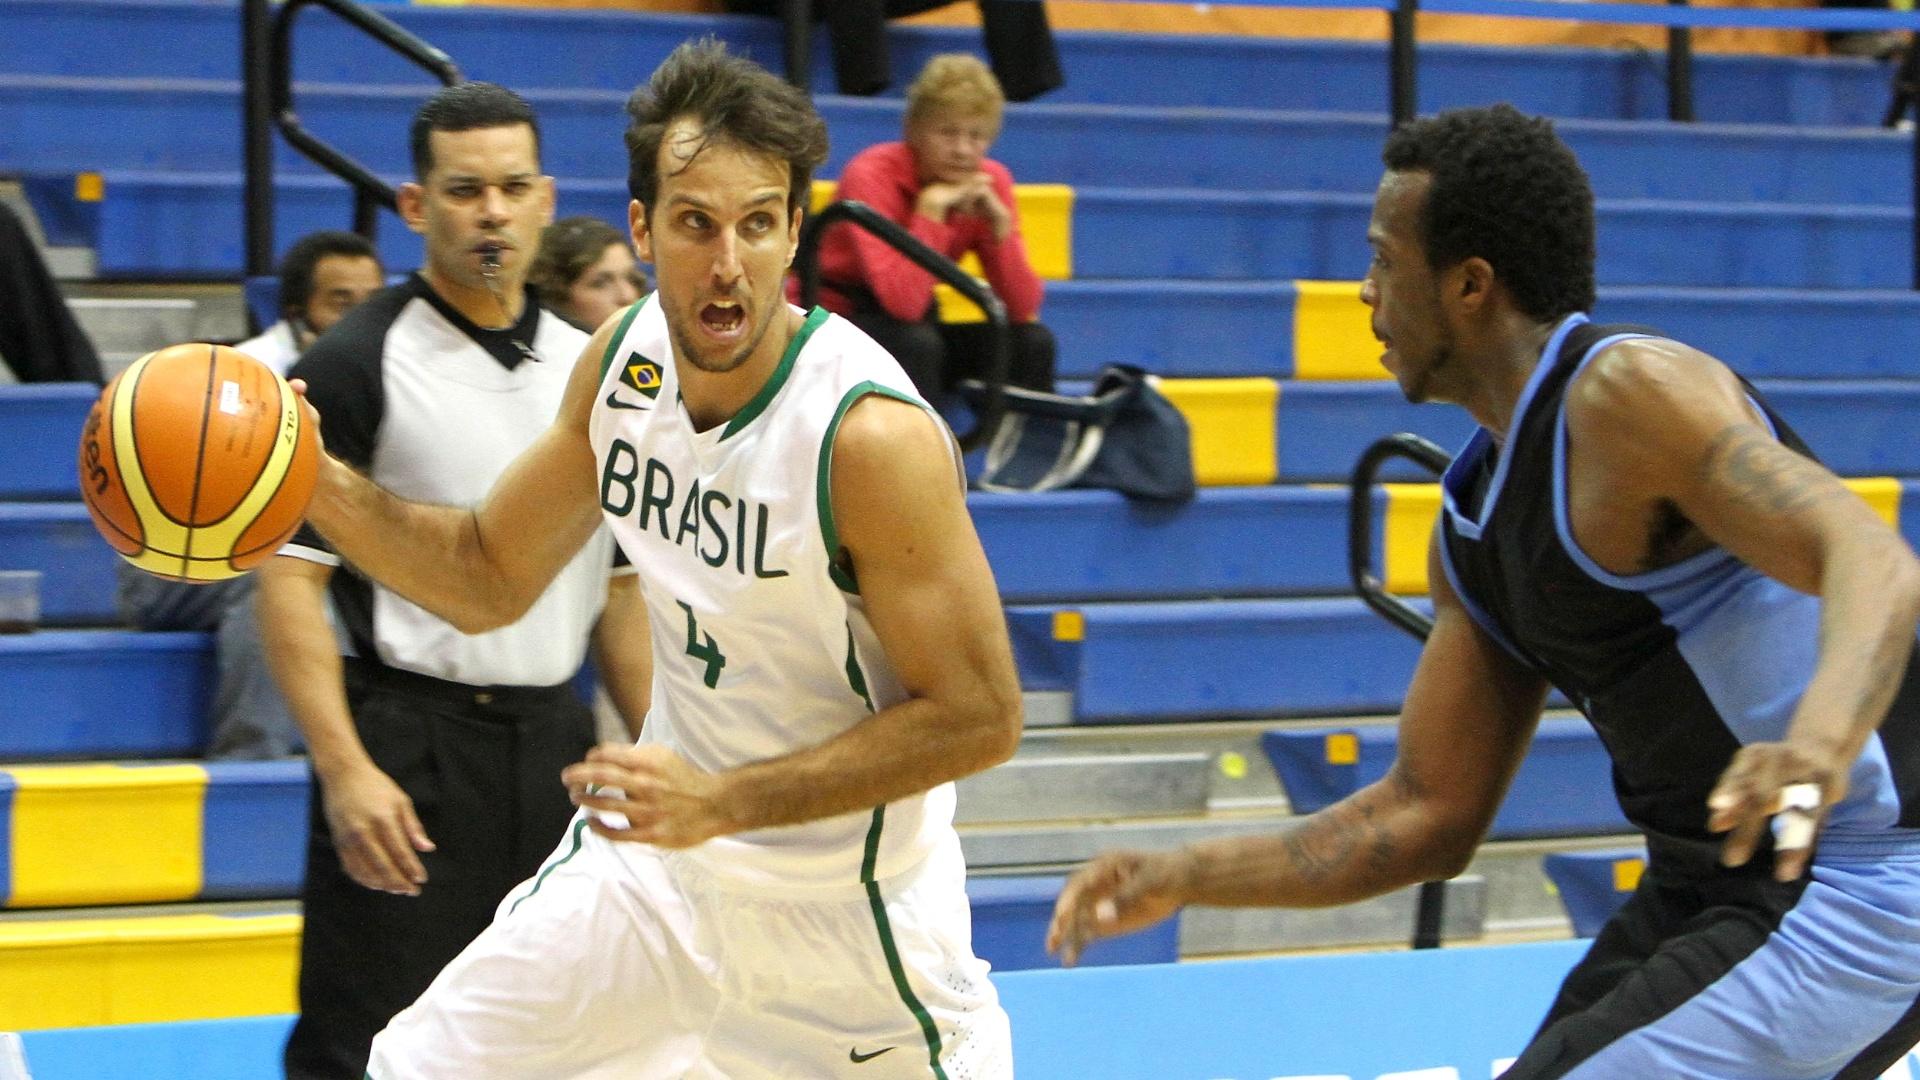 Marcelinho Machado tenta atacar na vitória brasileira sobre o Uruguai pela estreia do basquete masculino do Pan (26/10/2011)